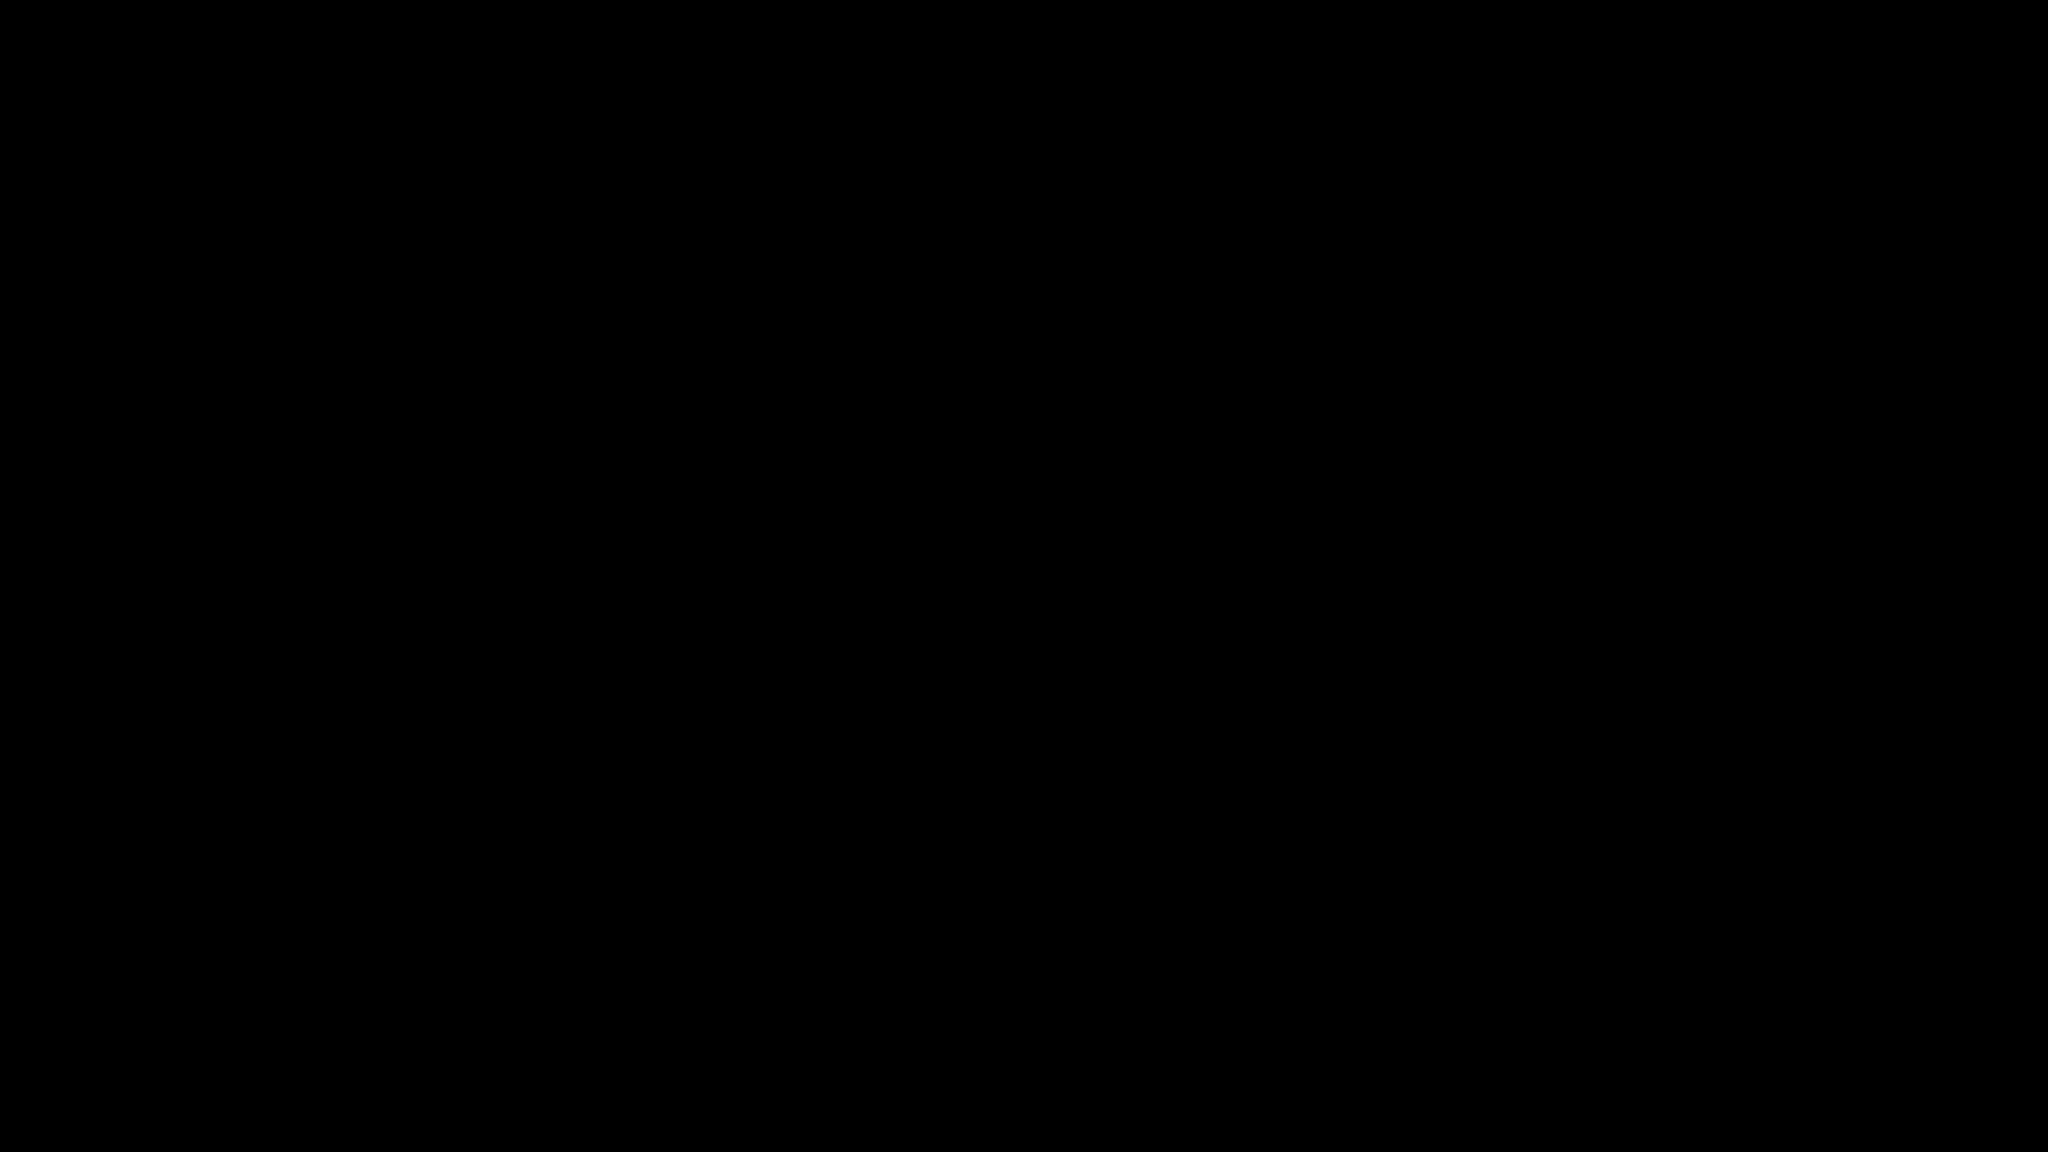 описание Крем чл увлажняющий дневной для сухой кожи